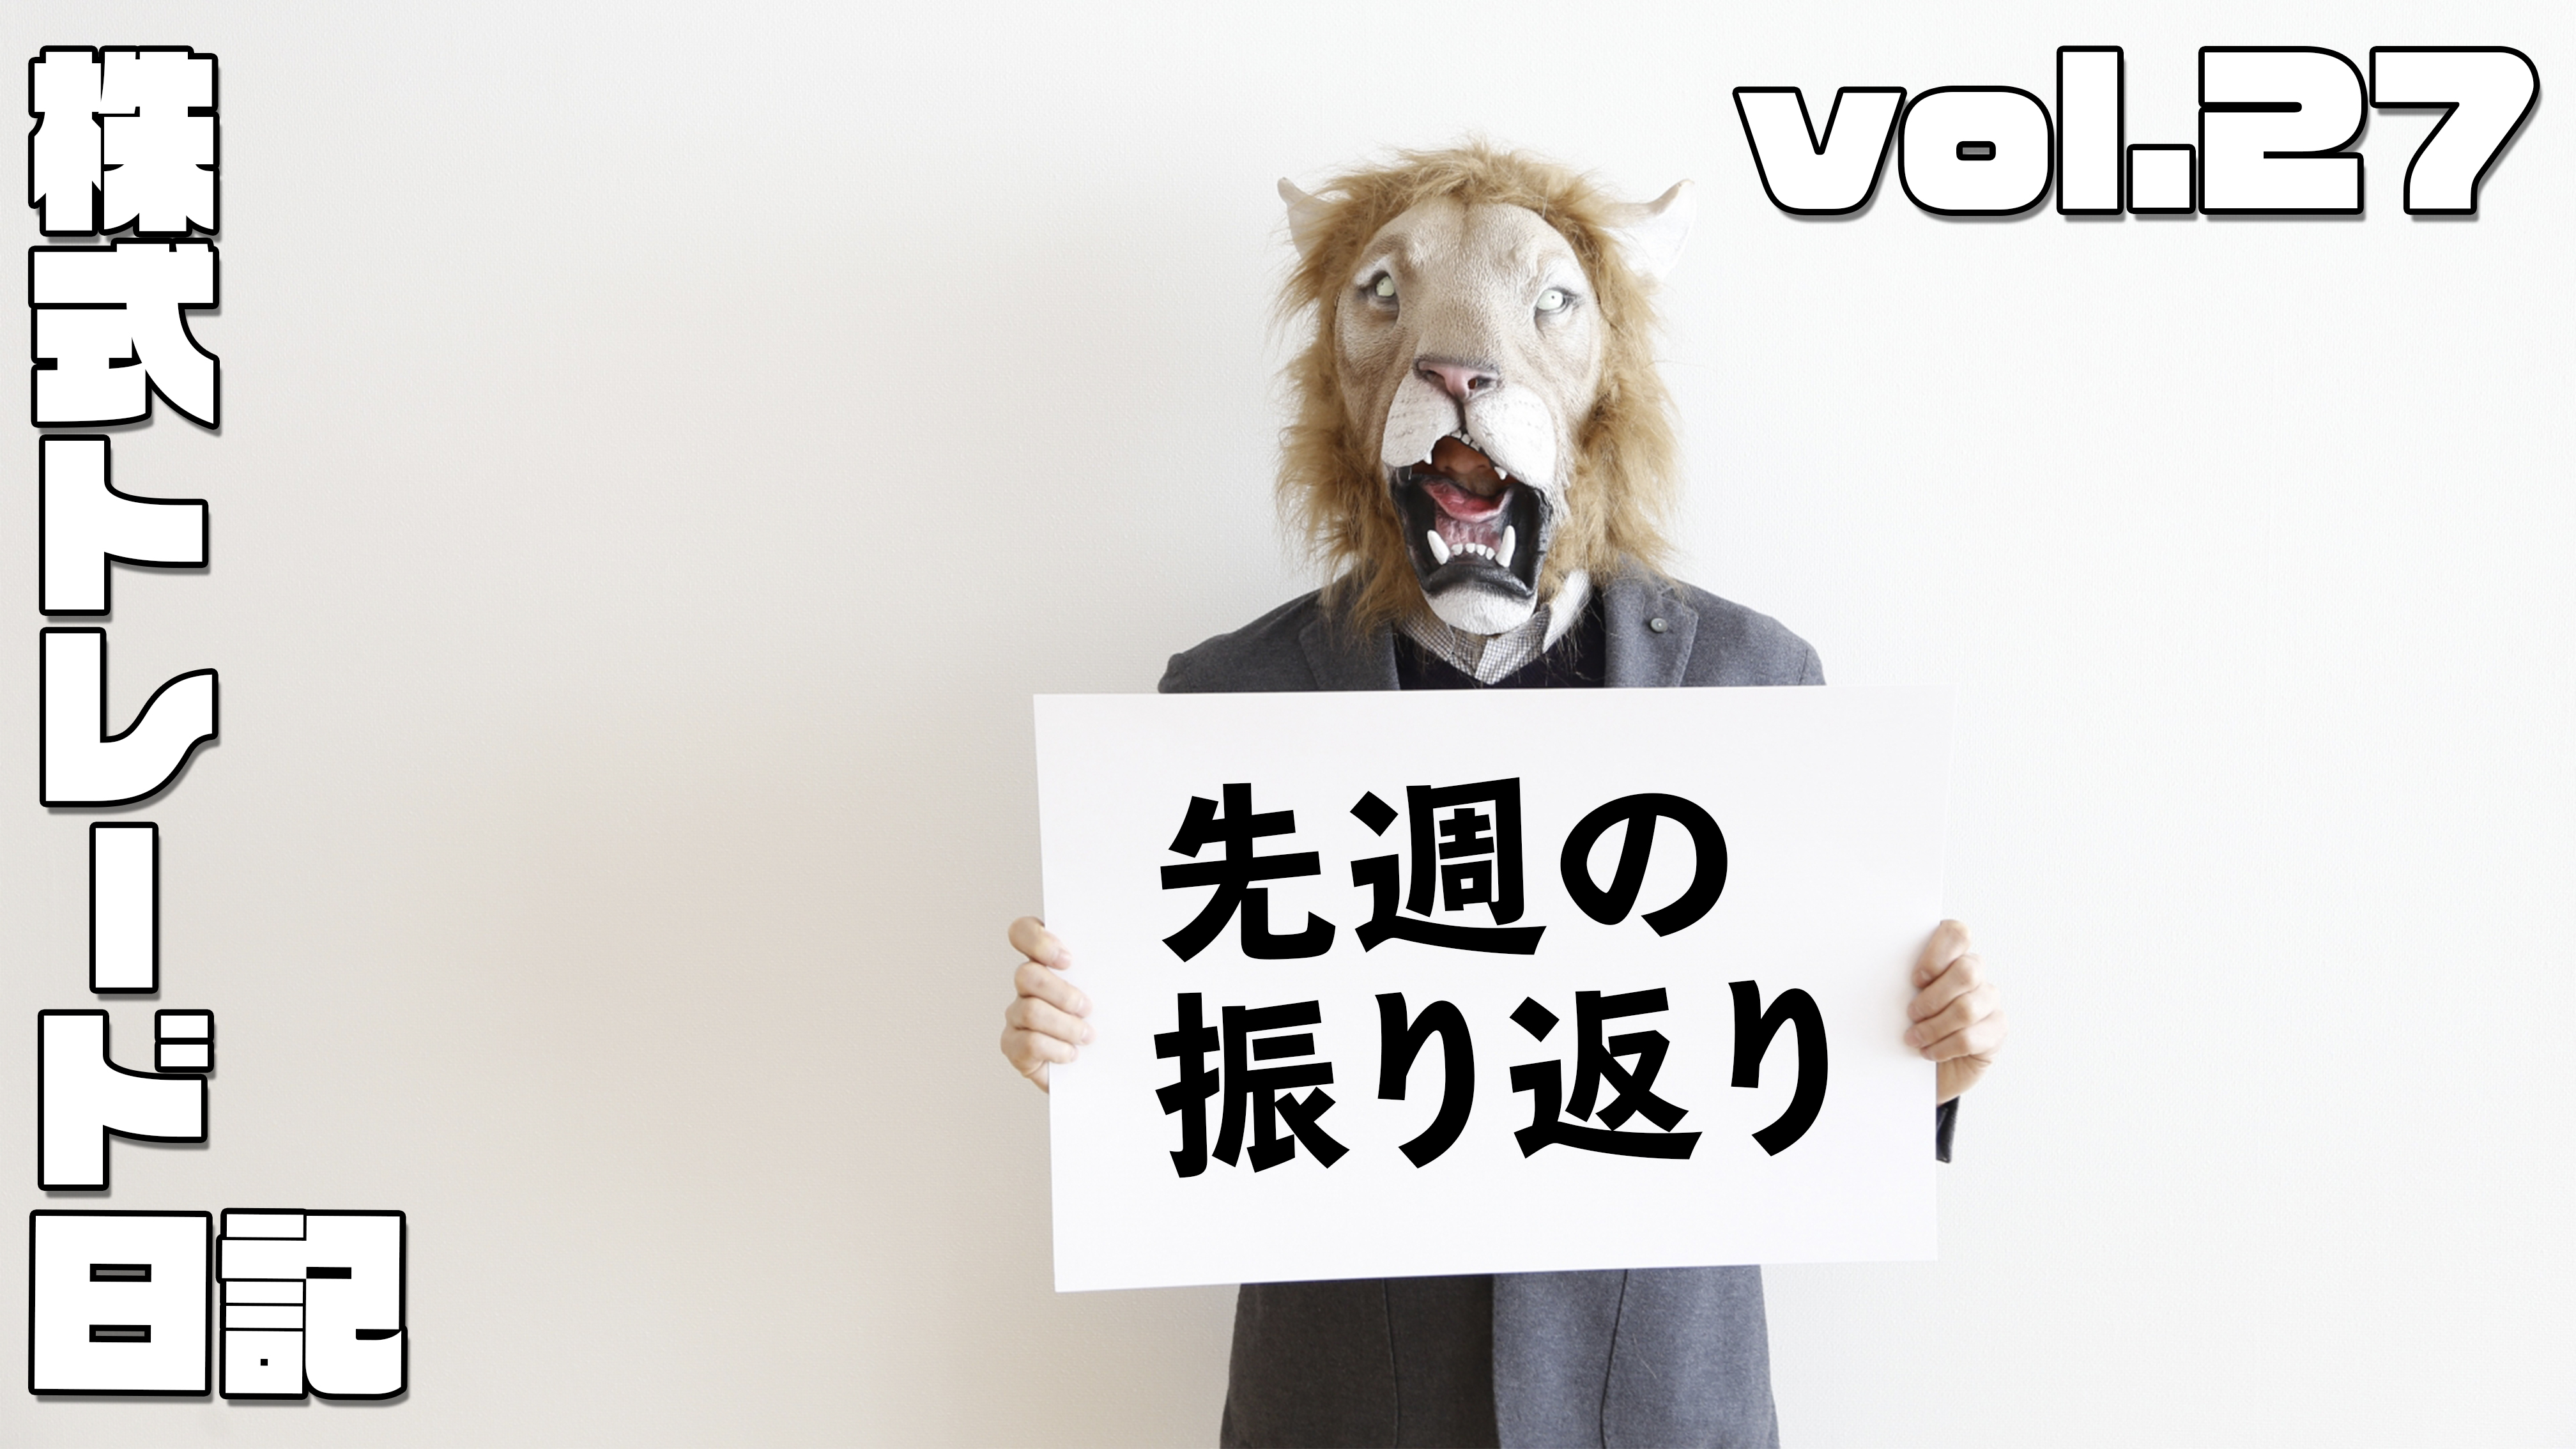 トレード日記vol27